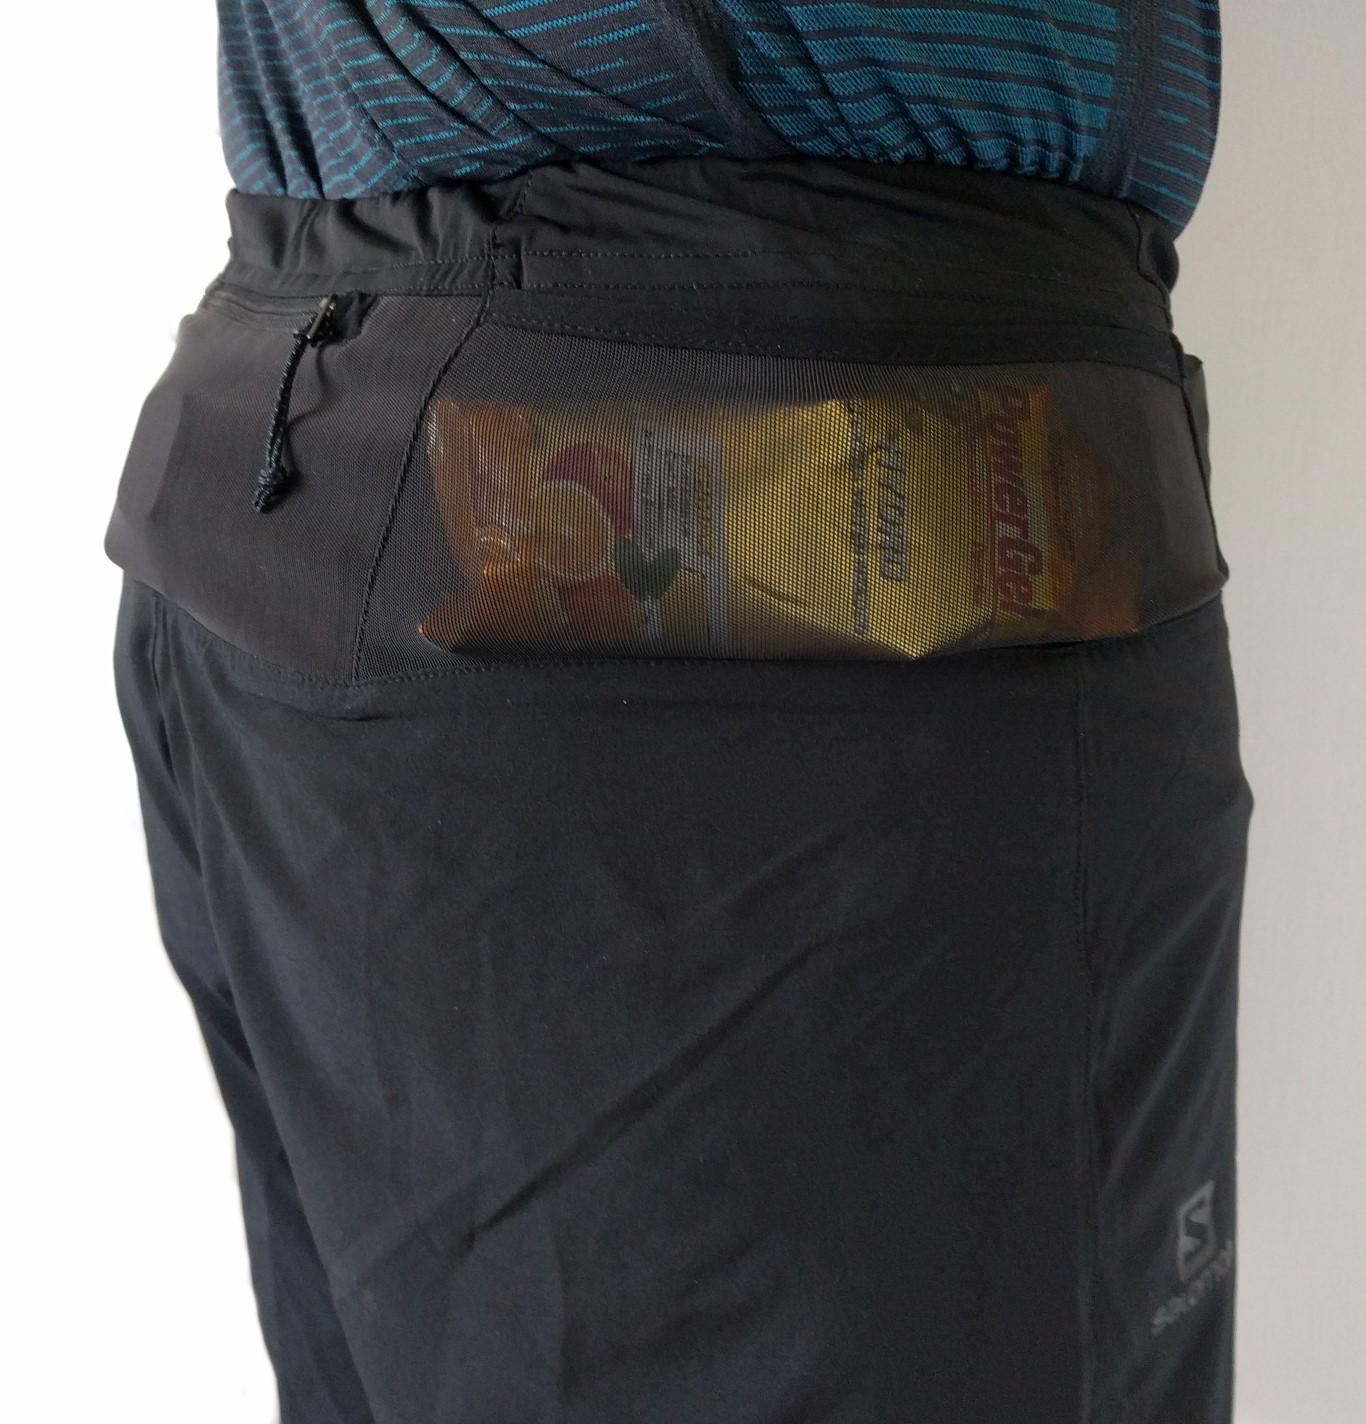 Hintere Tasche: GoPro Hero 5 / Seitentasche: Gel (67 ml)